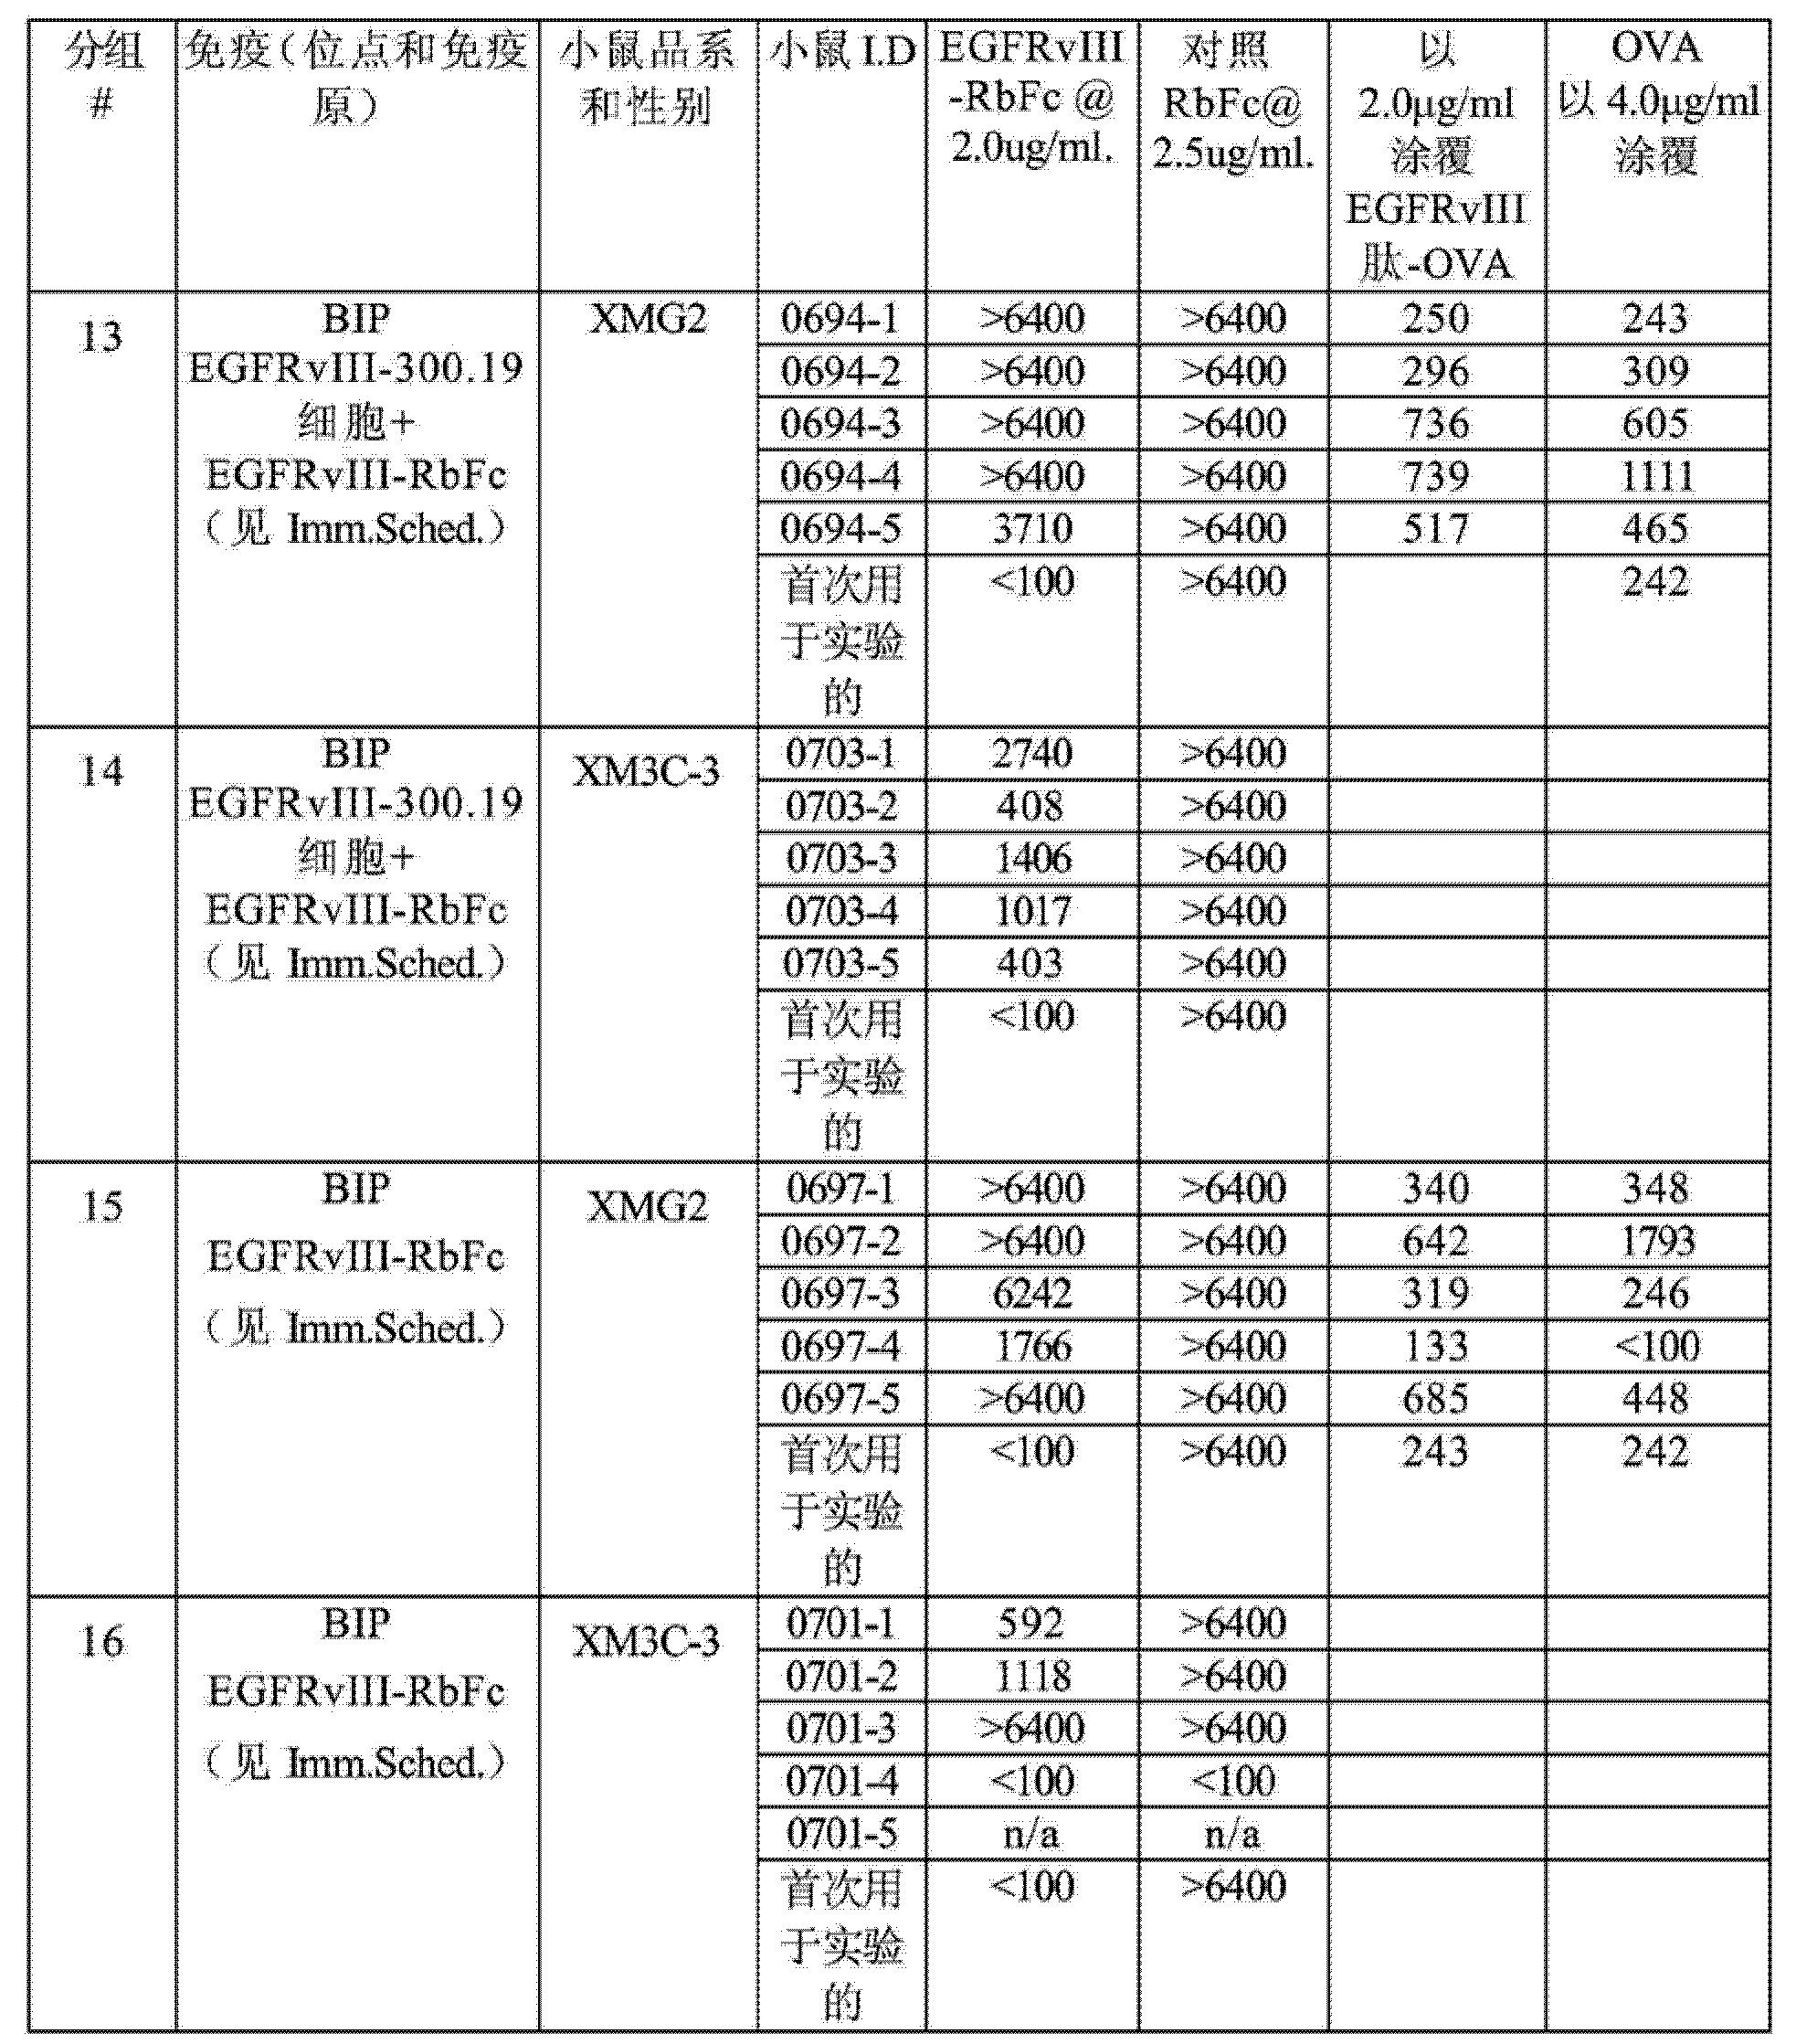 yrh-133